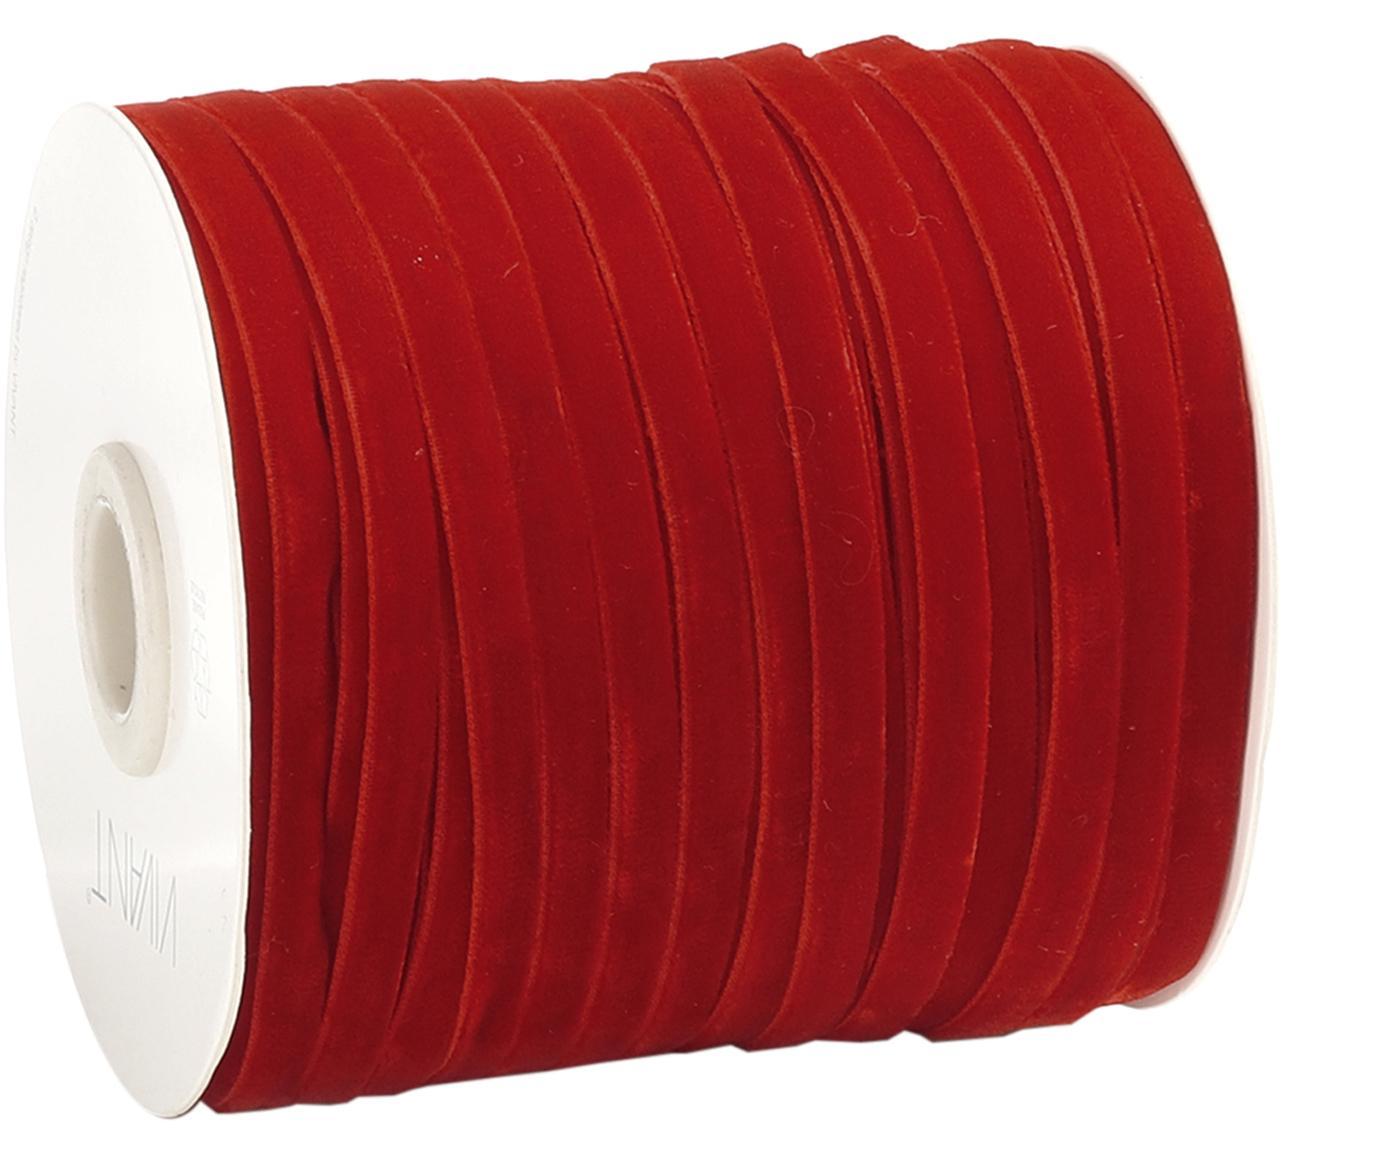 Cinta Velveta, Nylon, Rojo, An 0,6 x L 10000 cm